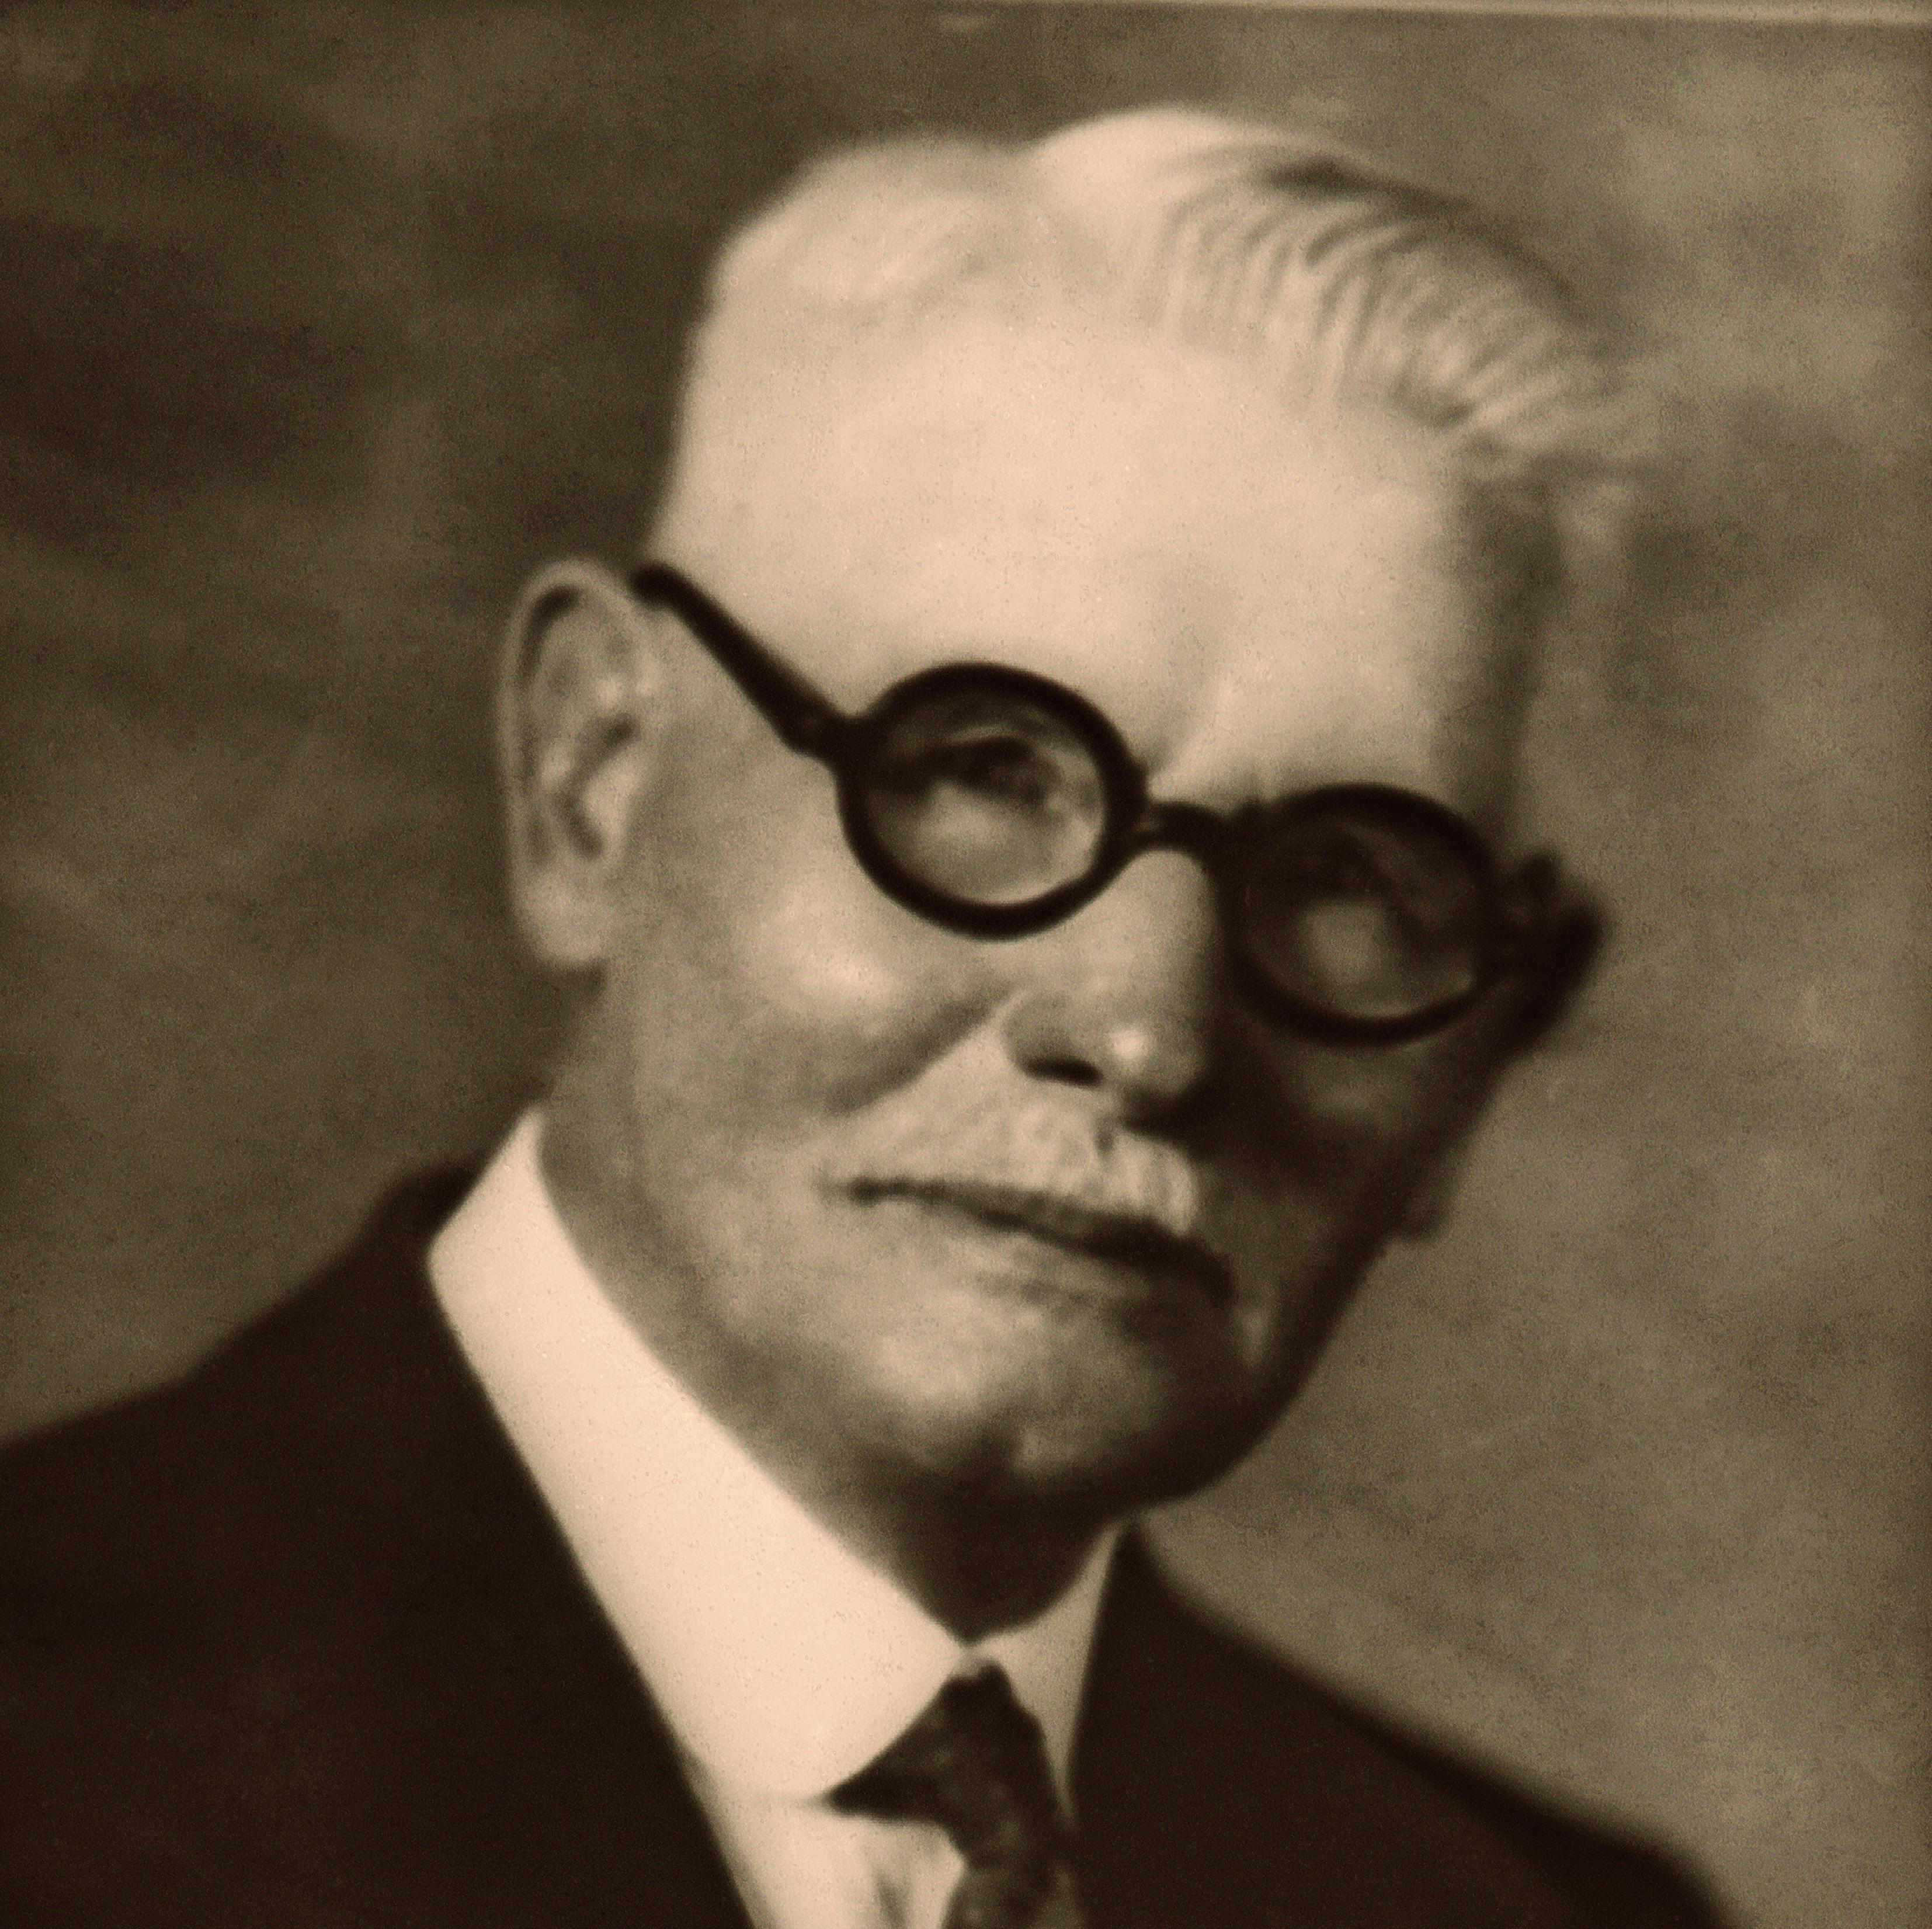 O primeiro pastor a chegar às terras sul-americanas foi Frank H. Westphal (1858-1944), enviado como presidente da Missão Costa Leste da América do Sul, que abrangia a Argentina, o Brasil, Uruguai e Paraguai.